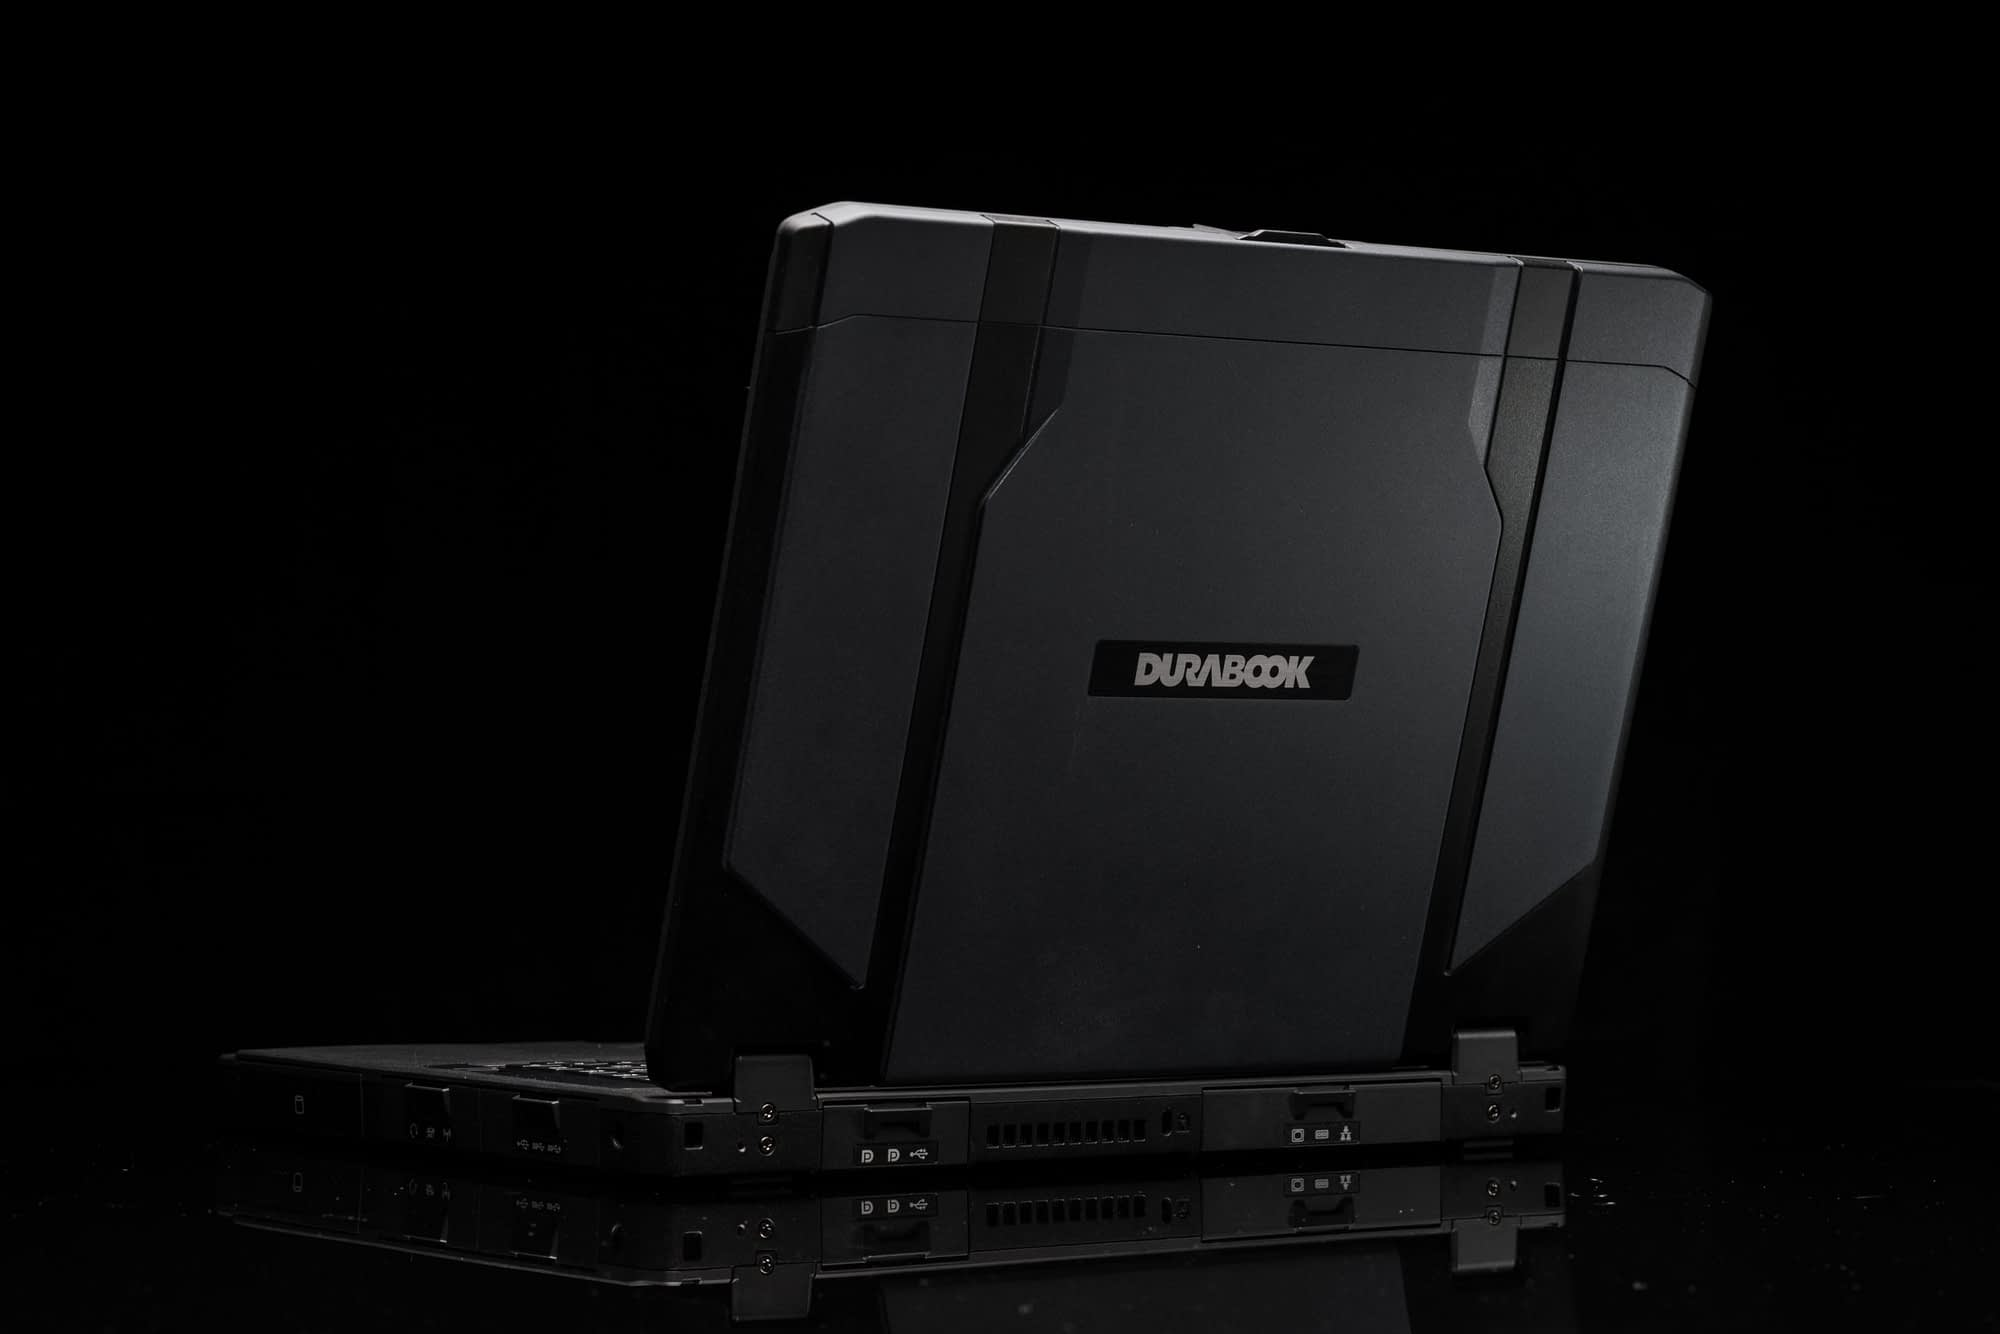 Durabook laptop